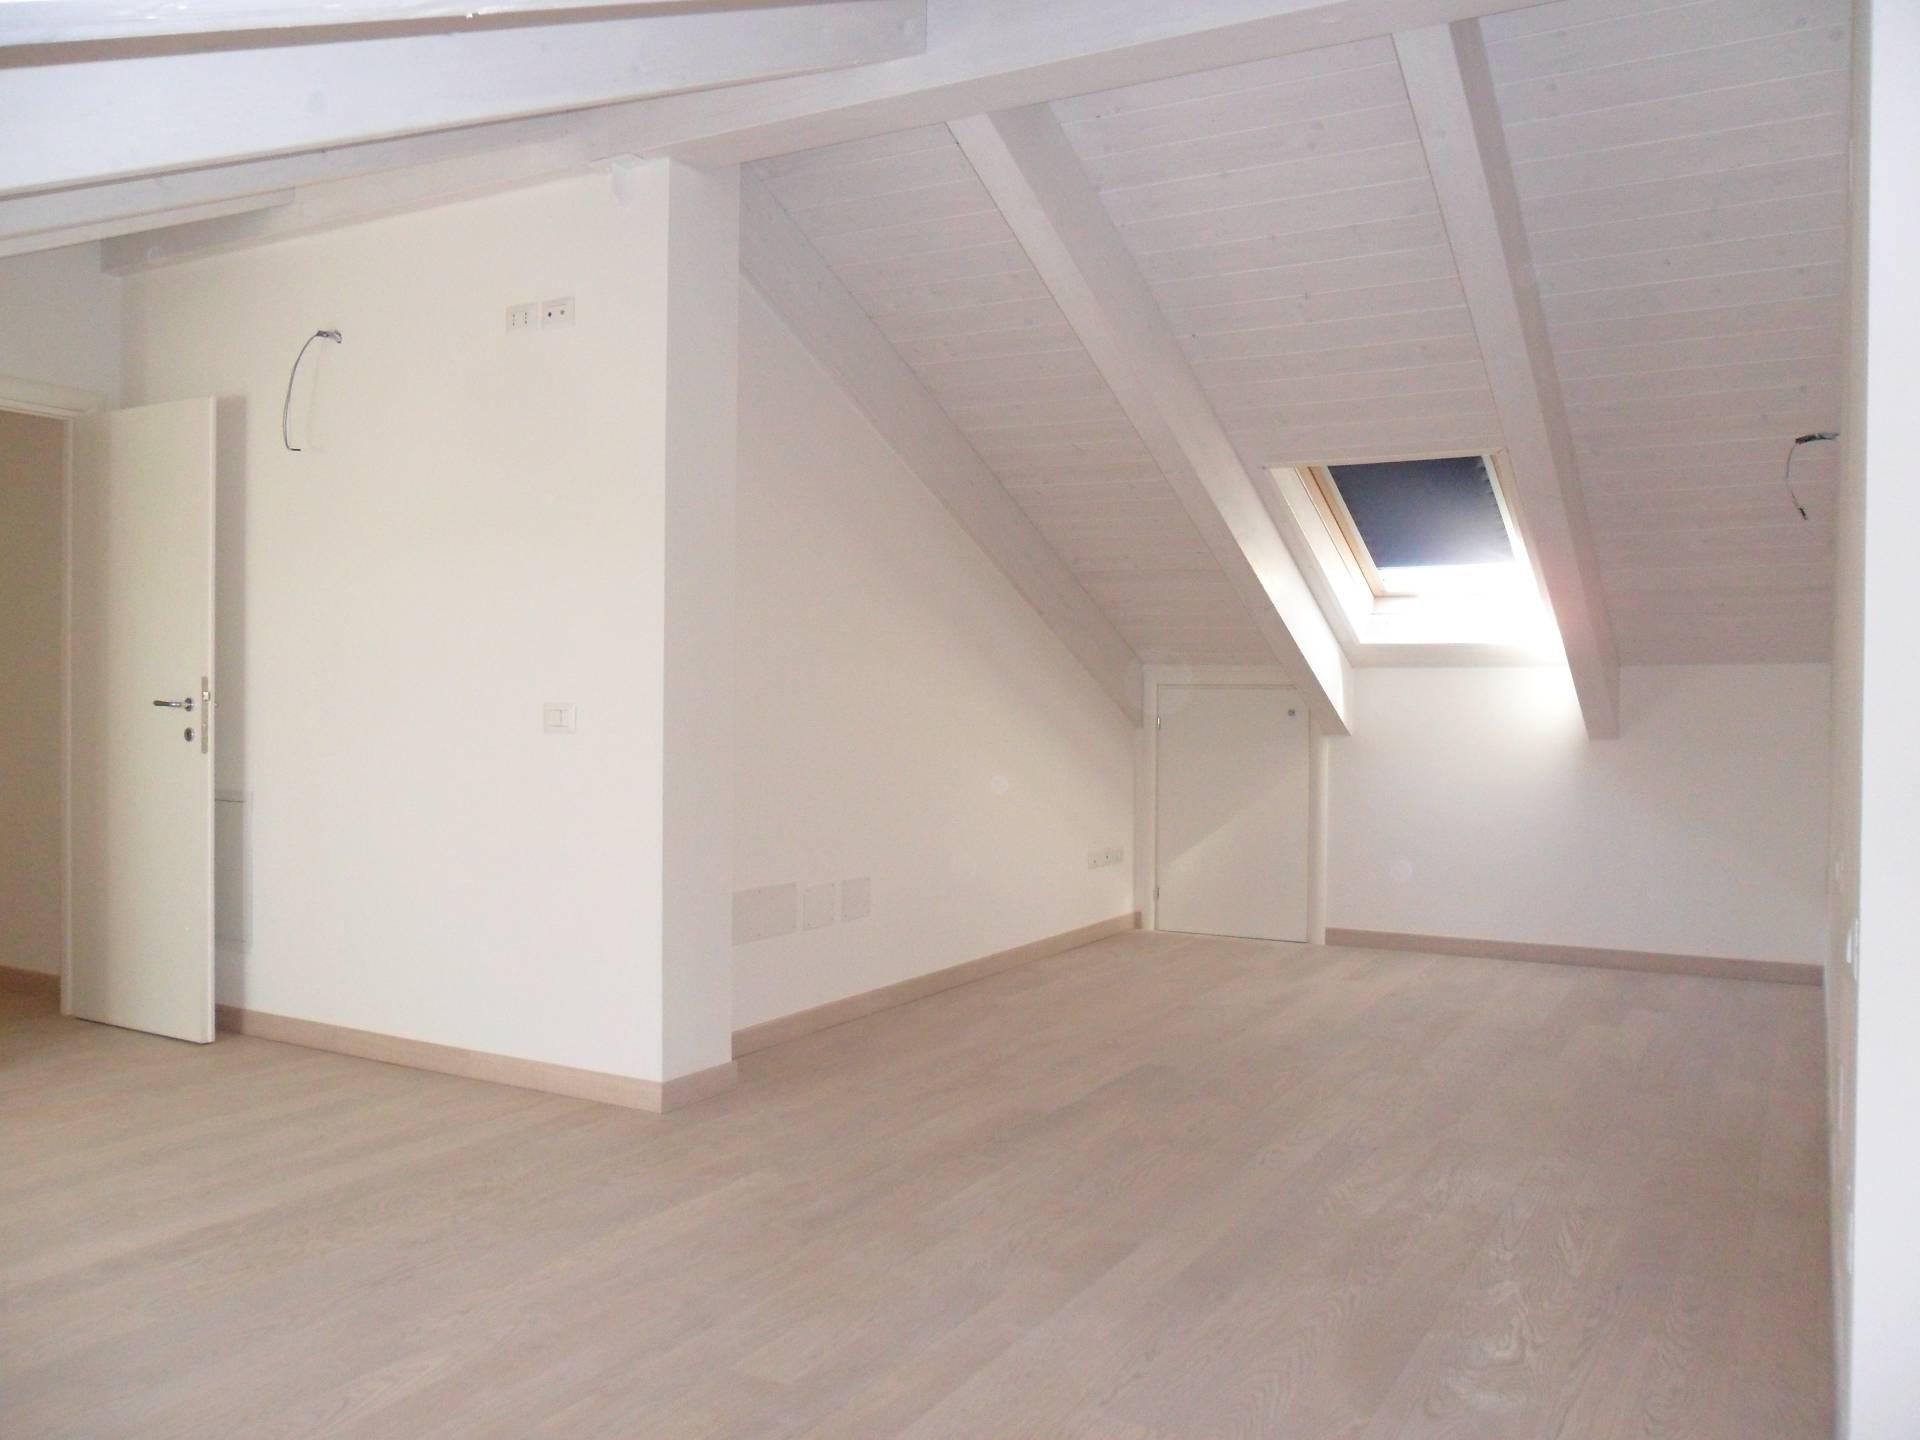 Appartamento in vendita a Ravenna, 2 locali, zona Località: FornaceZarattini, prezzo € 198.000 | CambioCasa.it